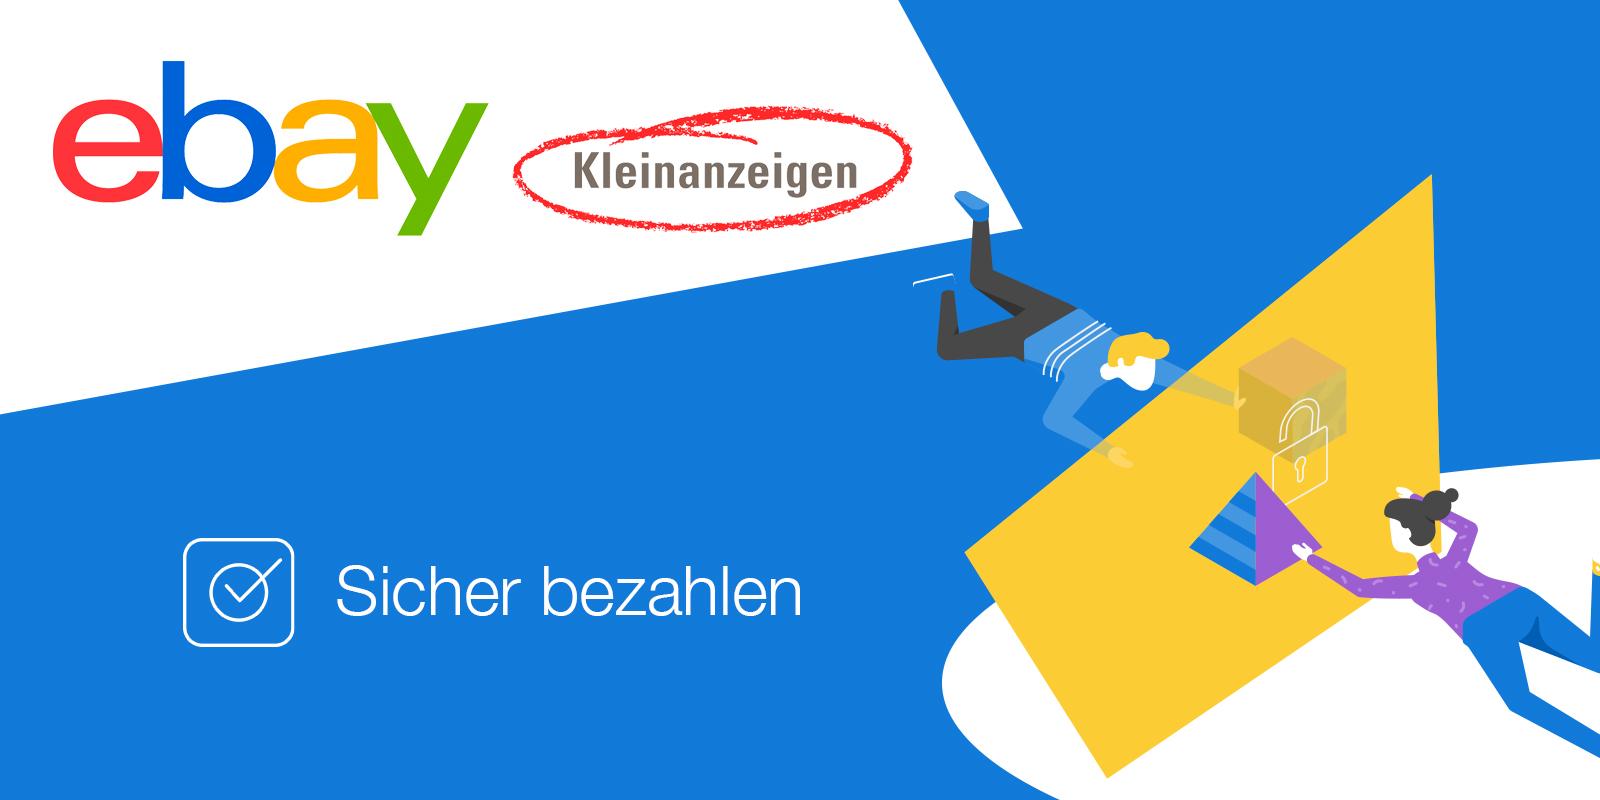 ebay-kleinanzeigen-sicher-bezahlen